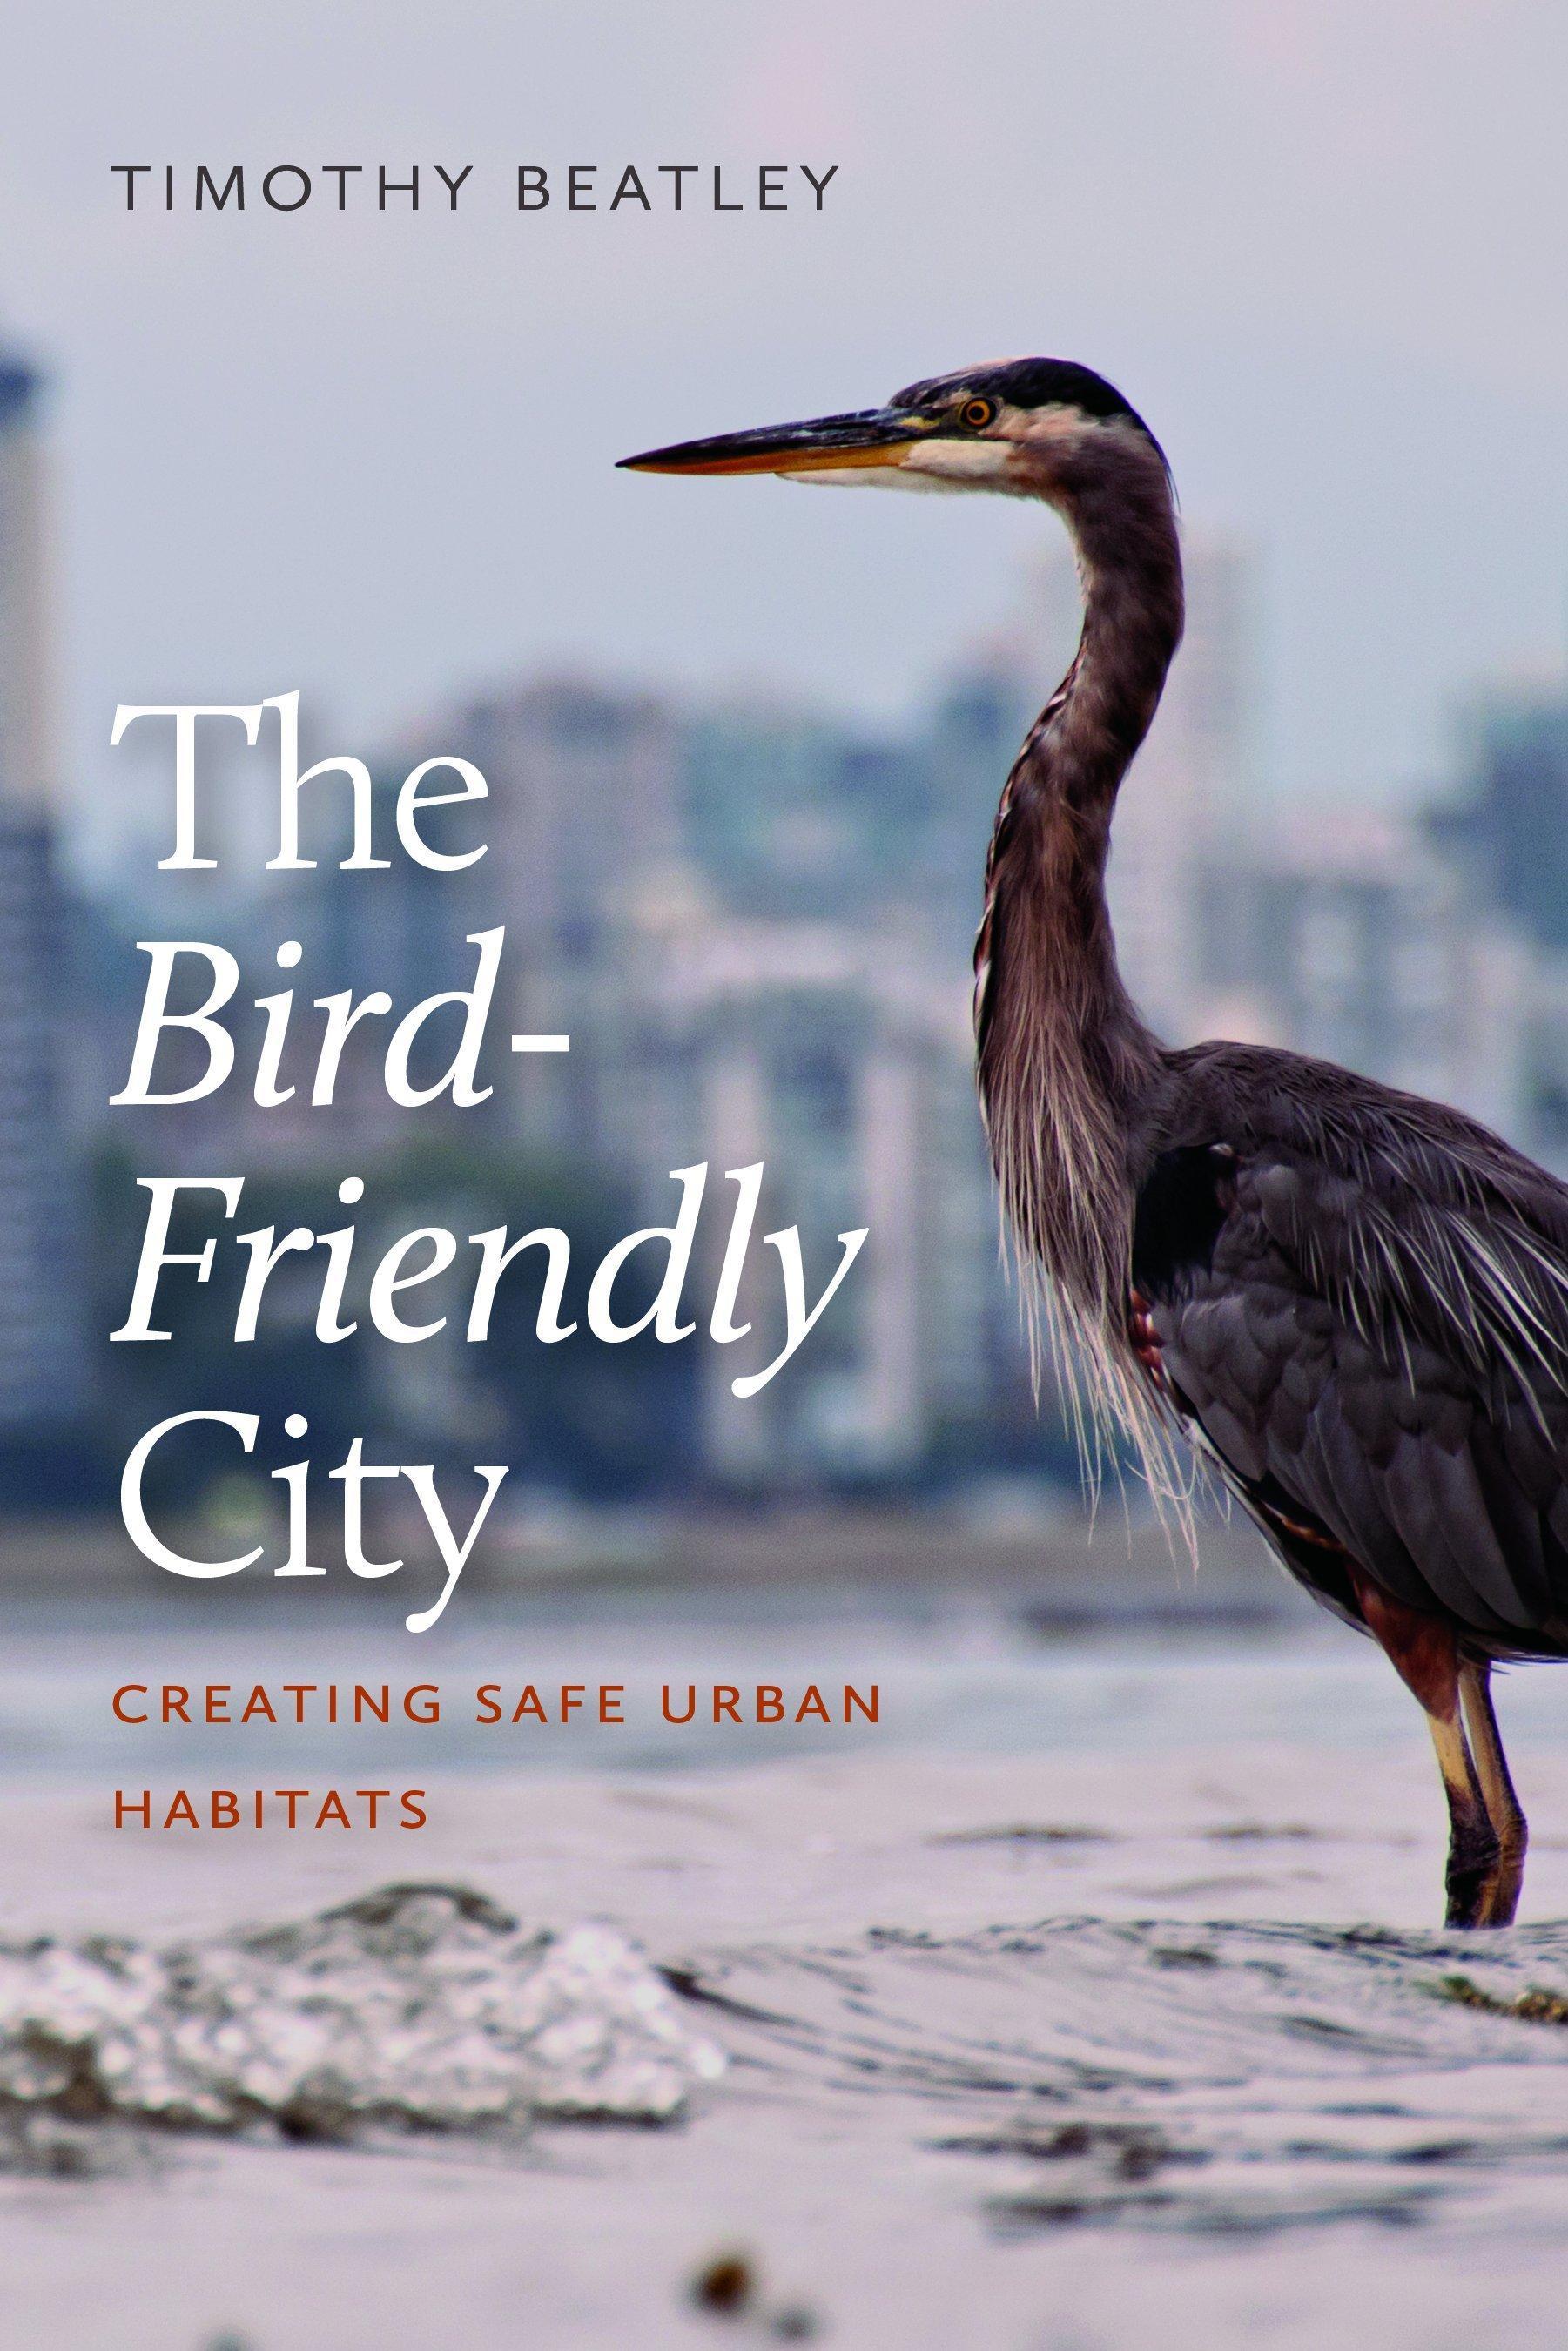 """Auf den Titel von """"The Bird-Friendly City"""" ist ein Kanadareiher zu sehen, der (vermutlich) in einer auch im Buch erwähnten Brutkolonie in Vancouver aufgenommen wurde."""